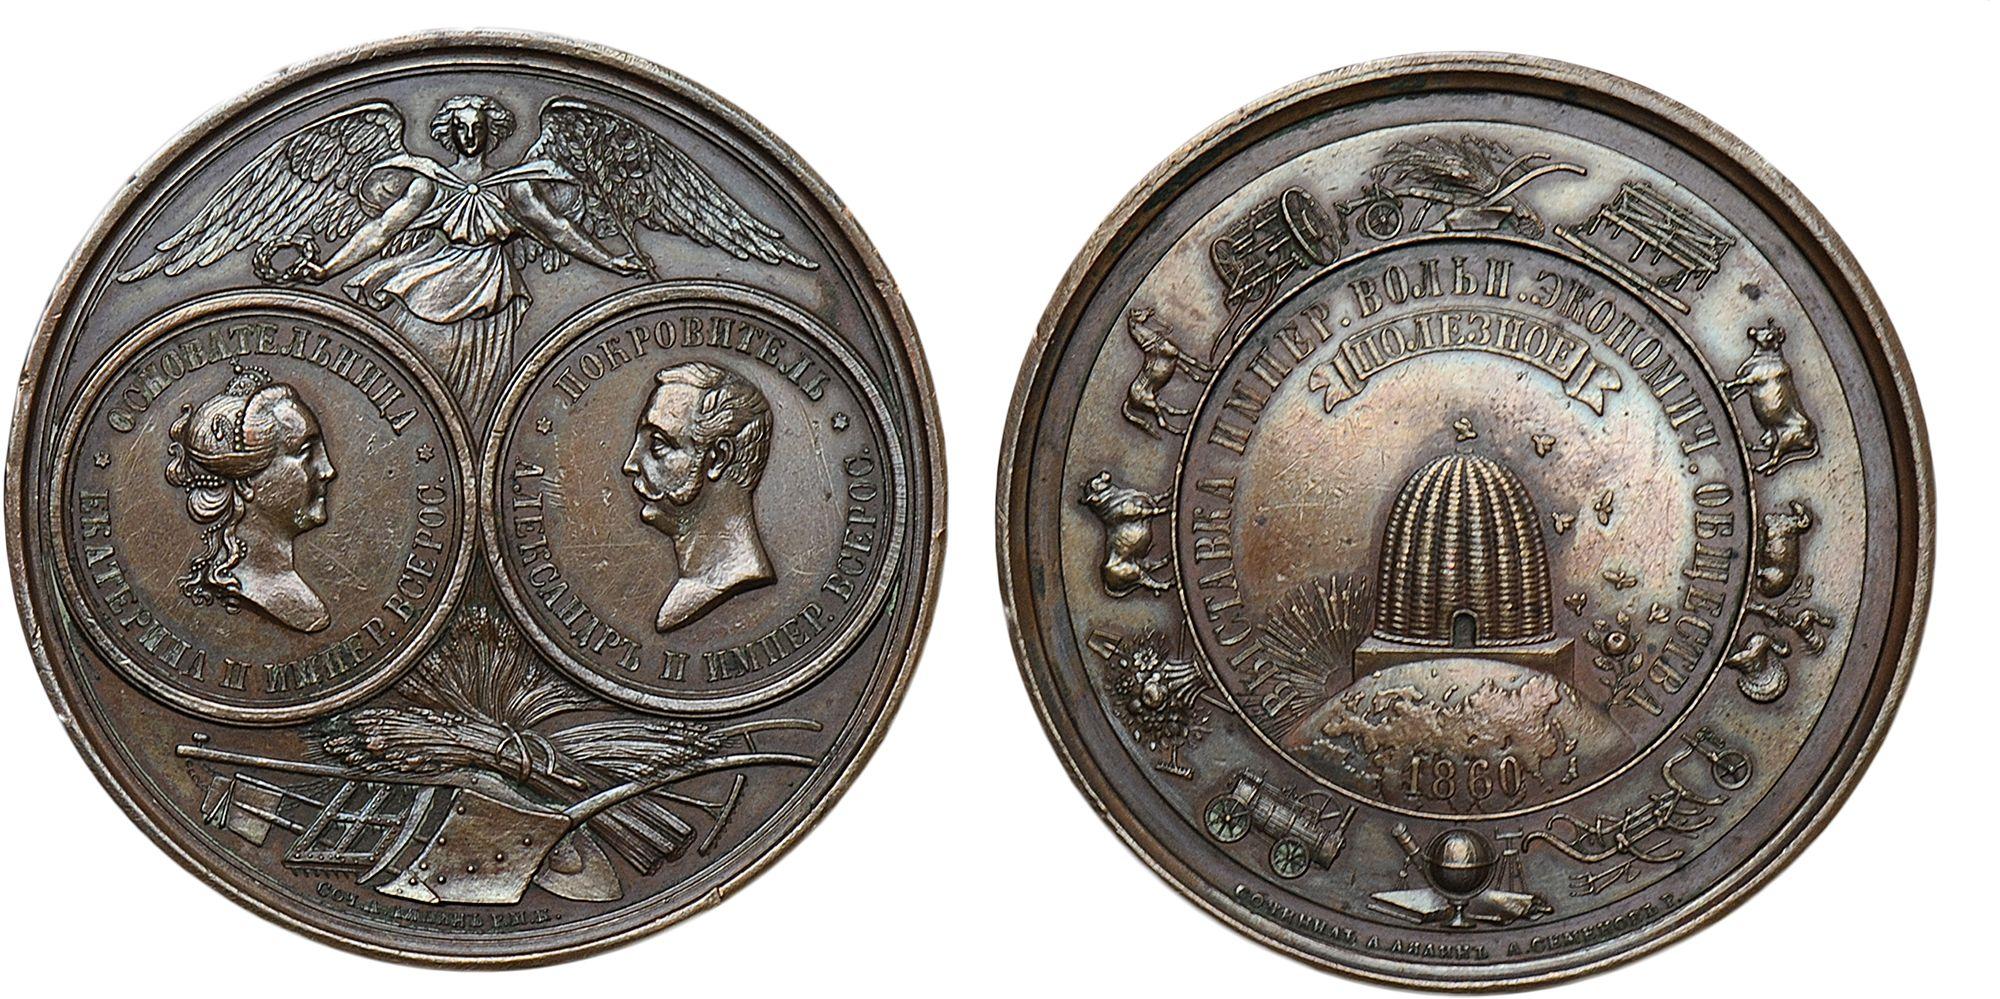 Настольная медаль Императорского Вольного экономического общества «В память выставки 1860 г.»